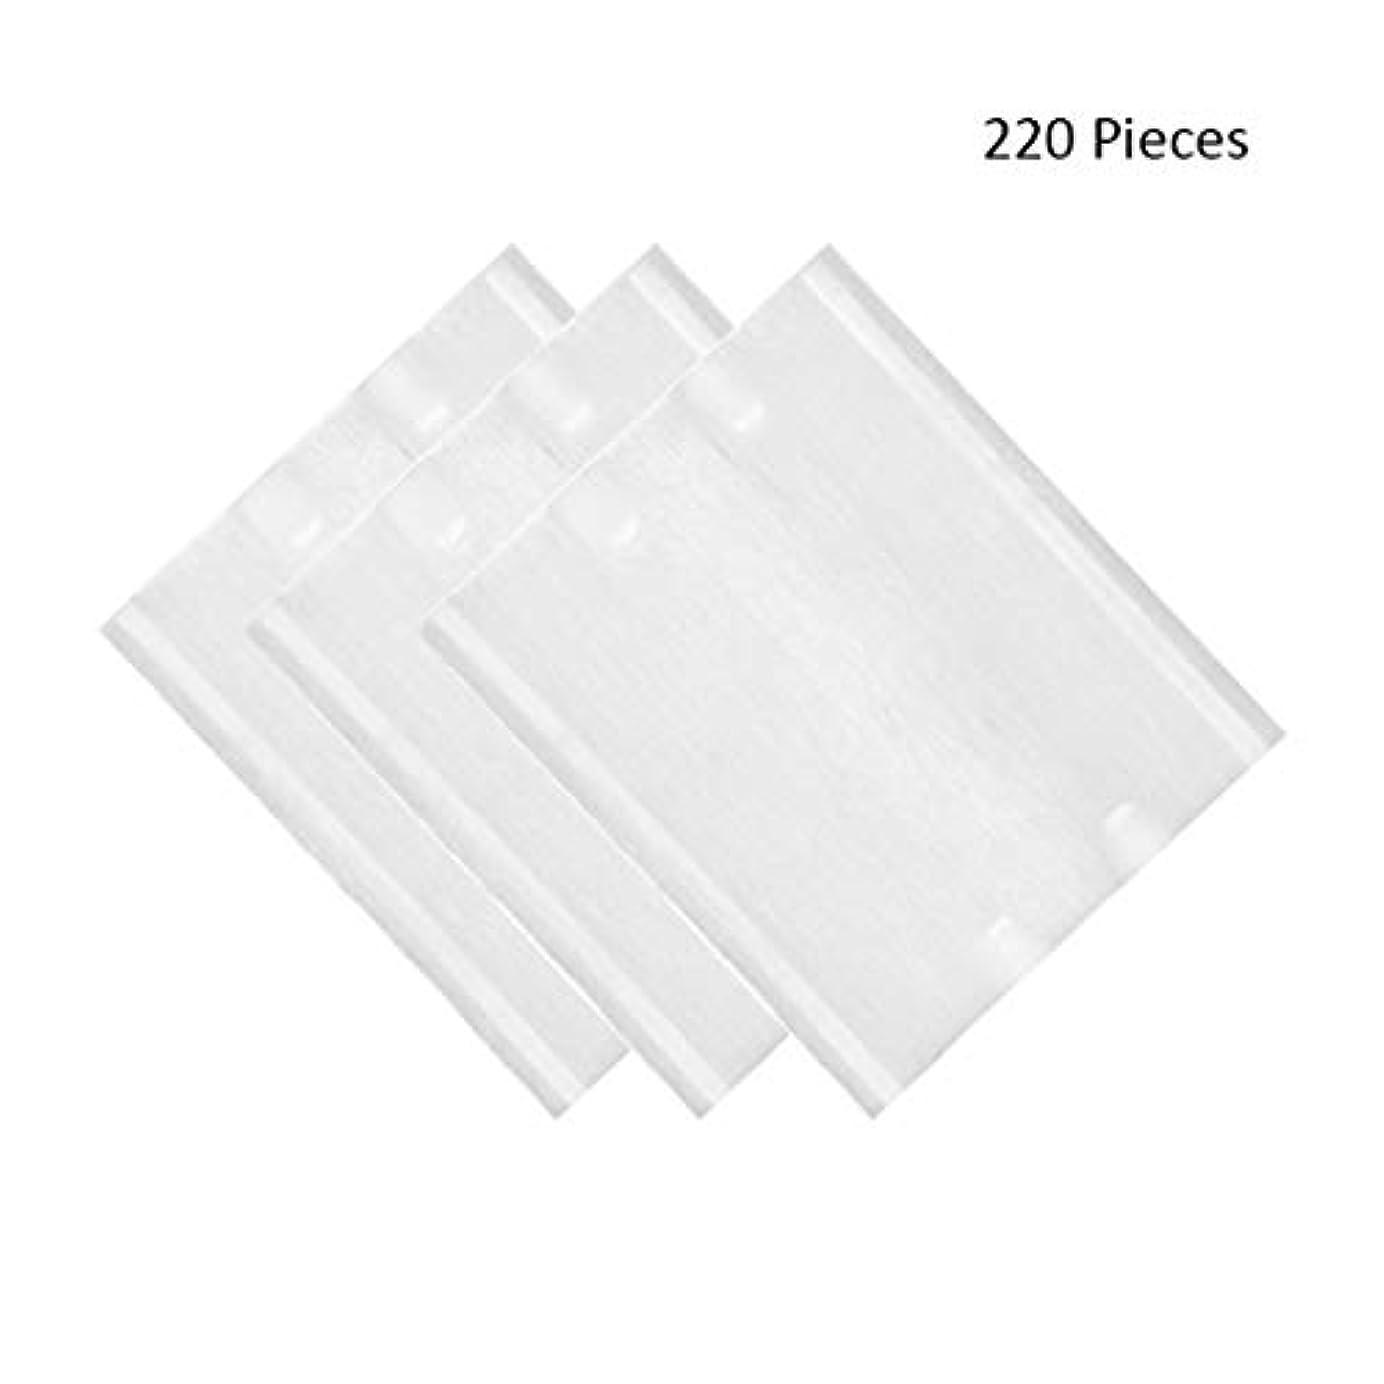 廃止はい存在する220ピース/パックフェイスメイクリムーバーソフト化粧コットンパッド両面スキンケアクレンジングコットンパッドリムーバーワイプ (Color : White, サイズ : 6*5cm)